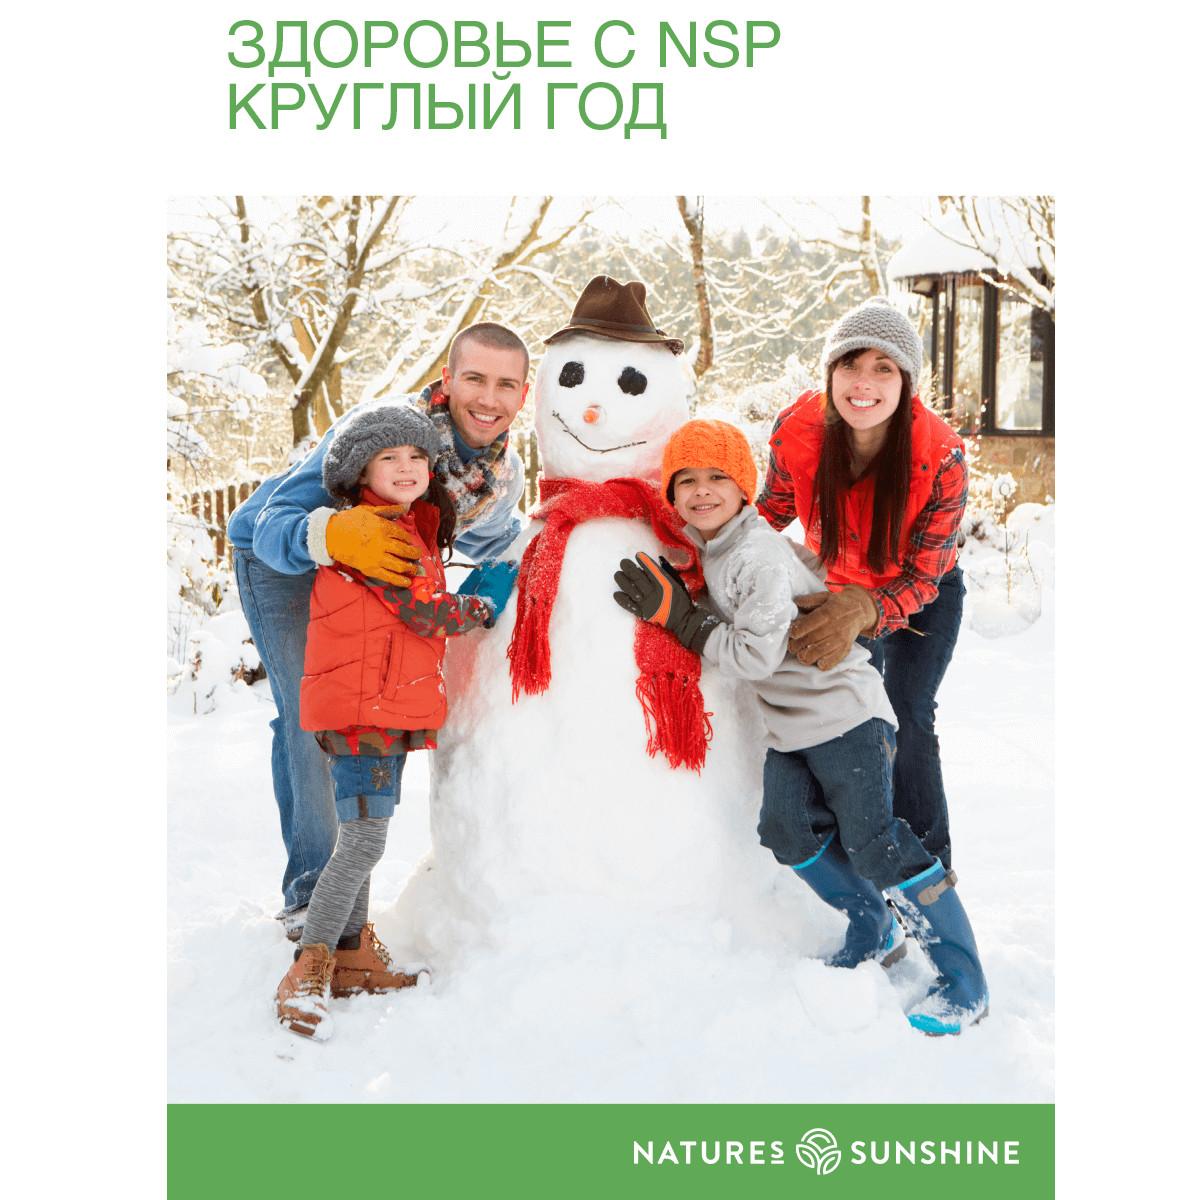 Буклет «Программа «Здоровье с NSP круглый год»